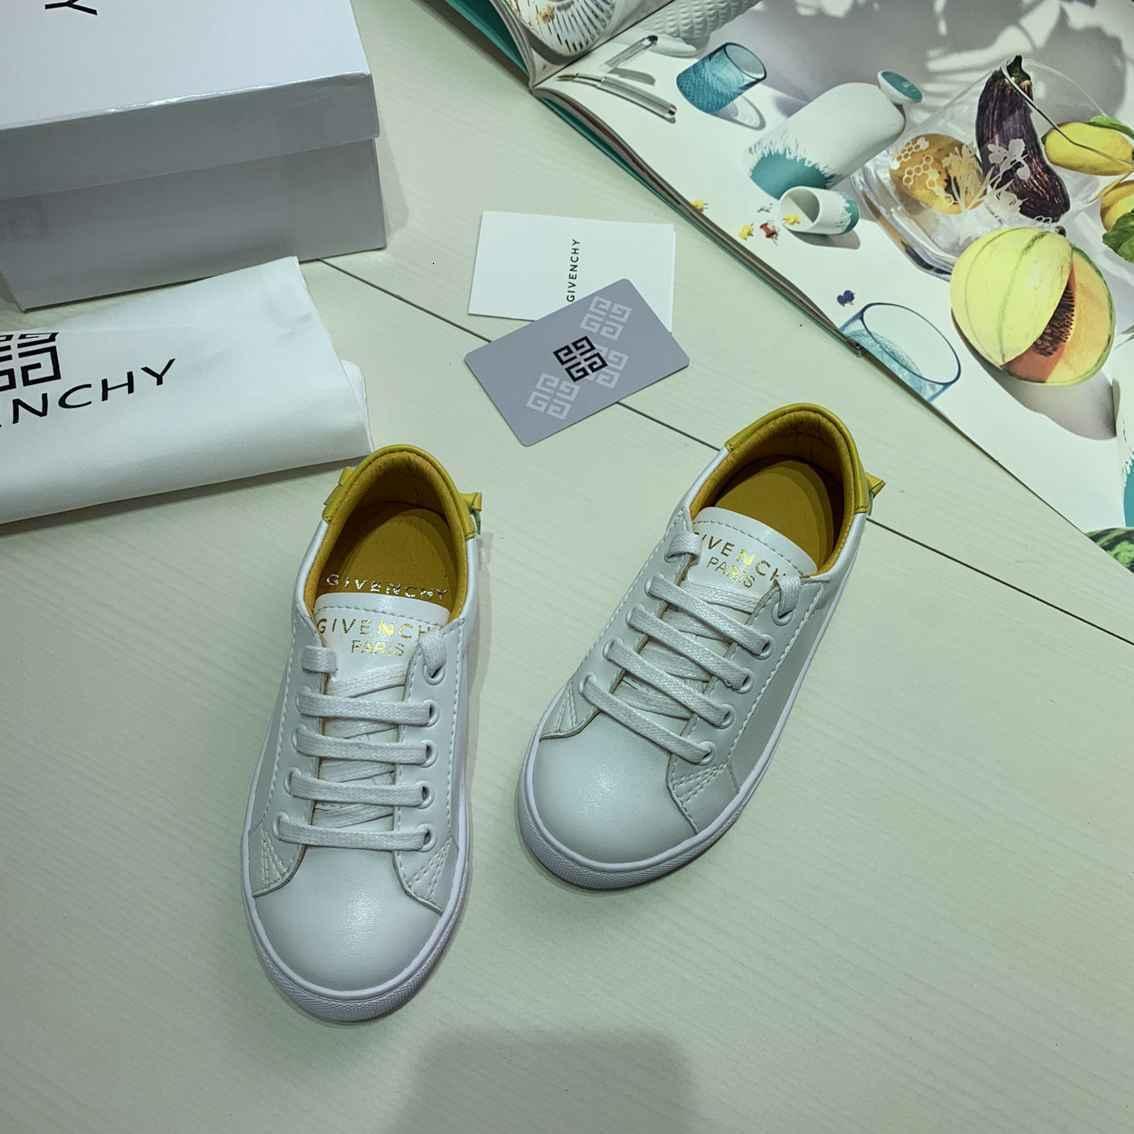 Nueva moda de lujo diseñador de los zapatos ocasionales de Corea del calzado para niños, Niños y Girls'Lovely recreativos Calzado deportivo, suelas de goma joyf